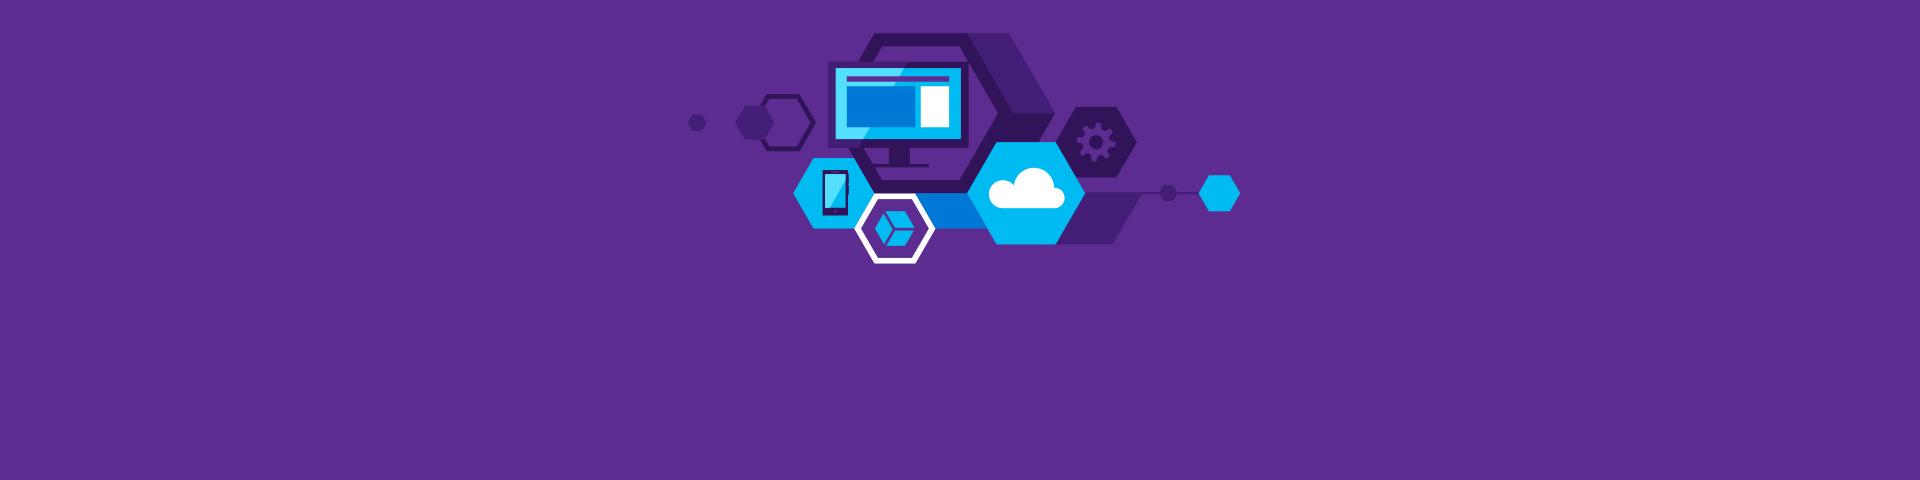 Ikony počítače, telefonu, cloudu a další výpočetní techniky